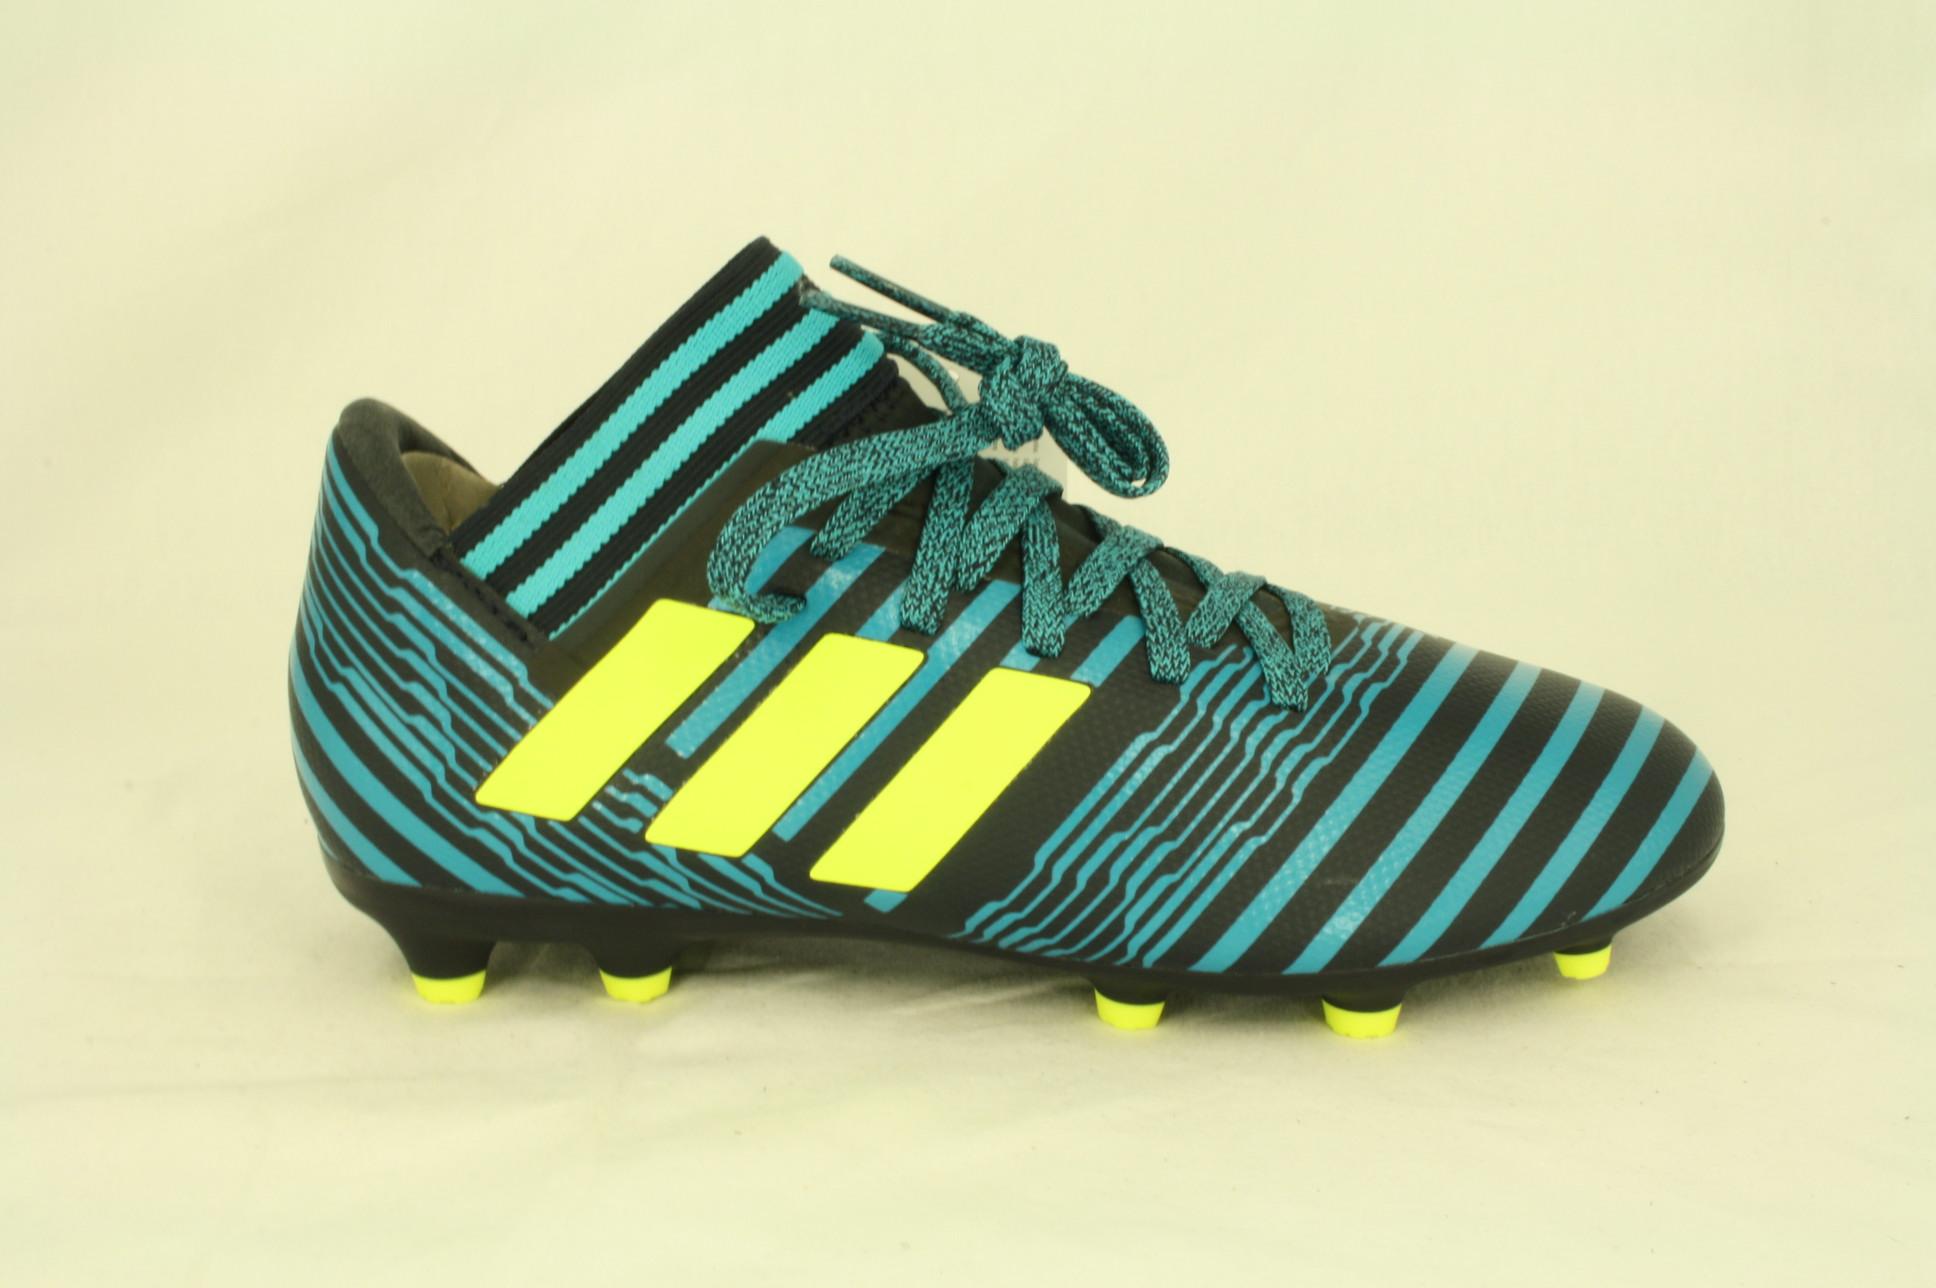 adidas voetbalschoenen zwart blauw